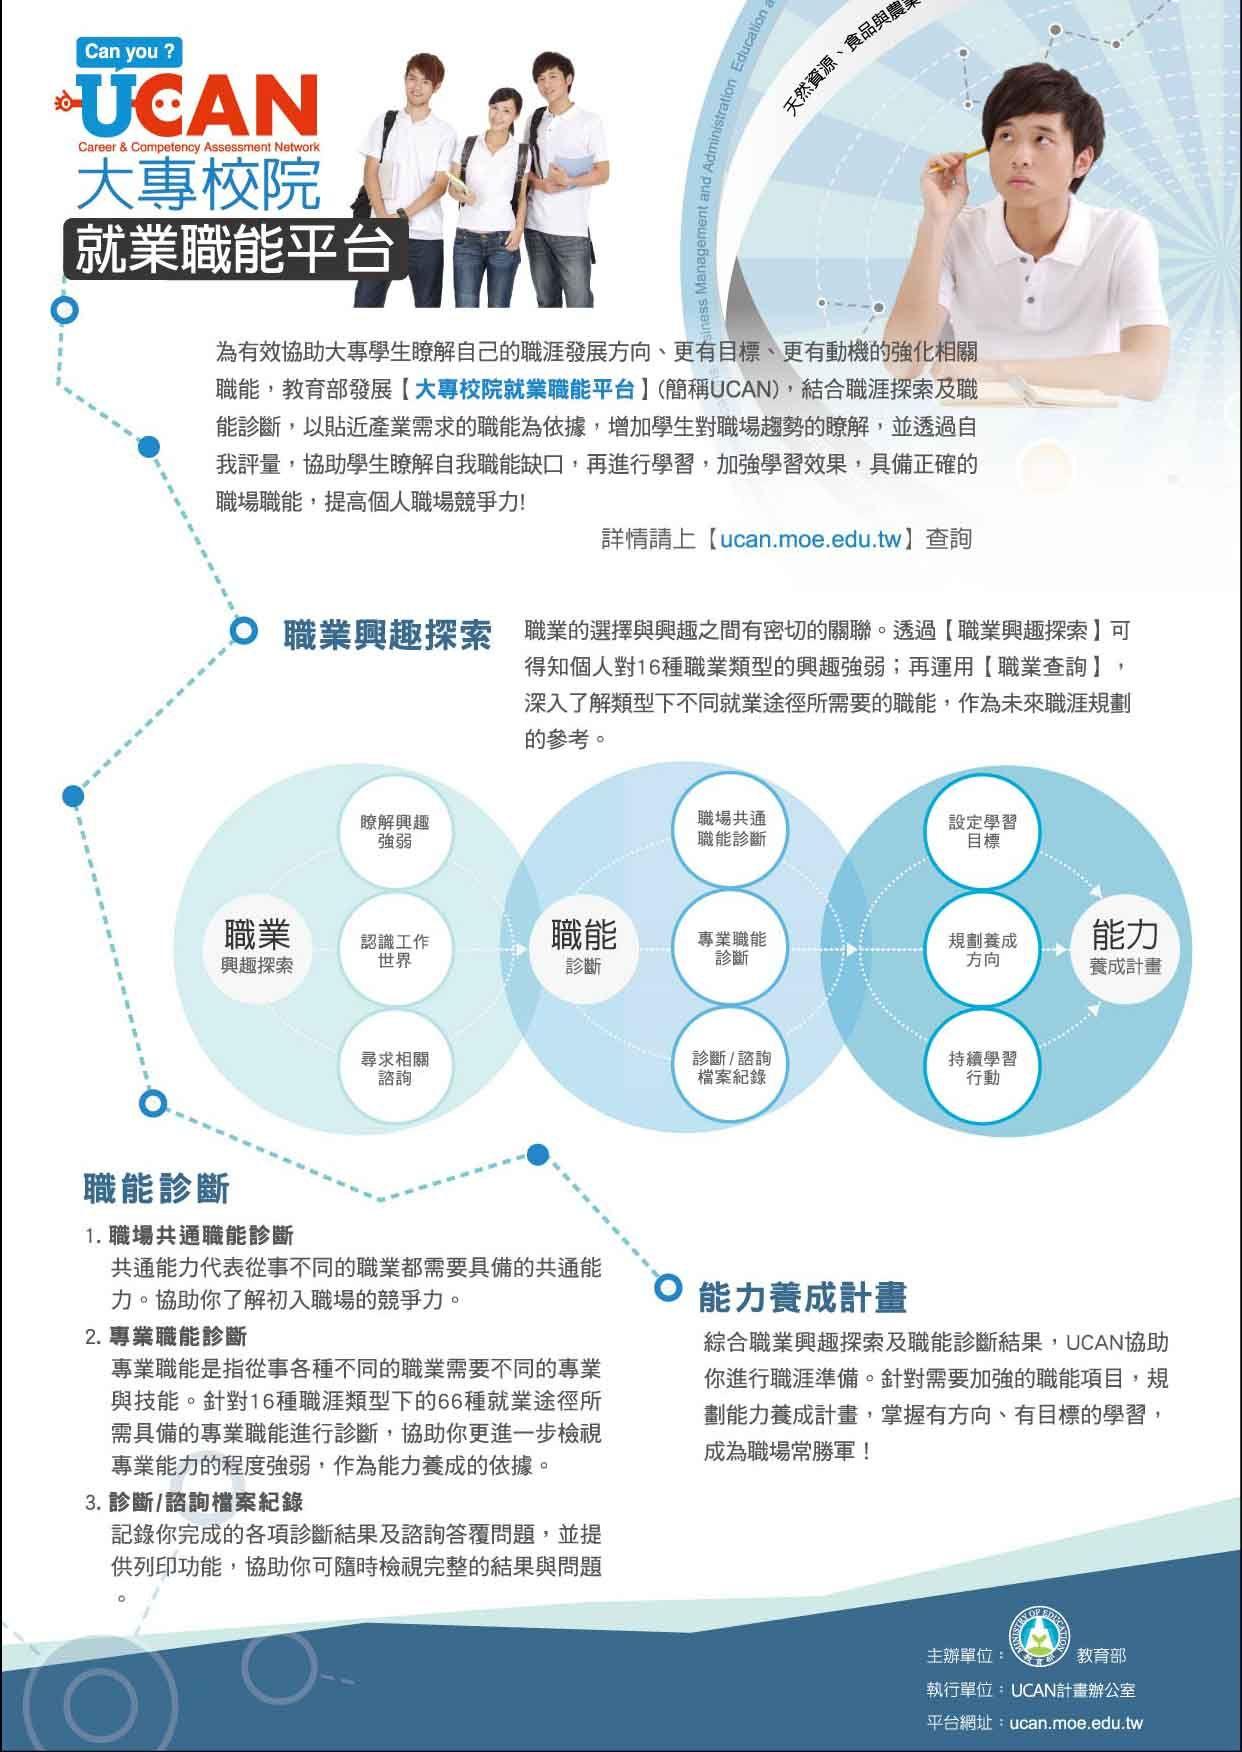 【宣傳】請各位同學踴躍使用「大專校院就業職能平臺(UCAN)」圖片1